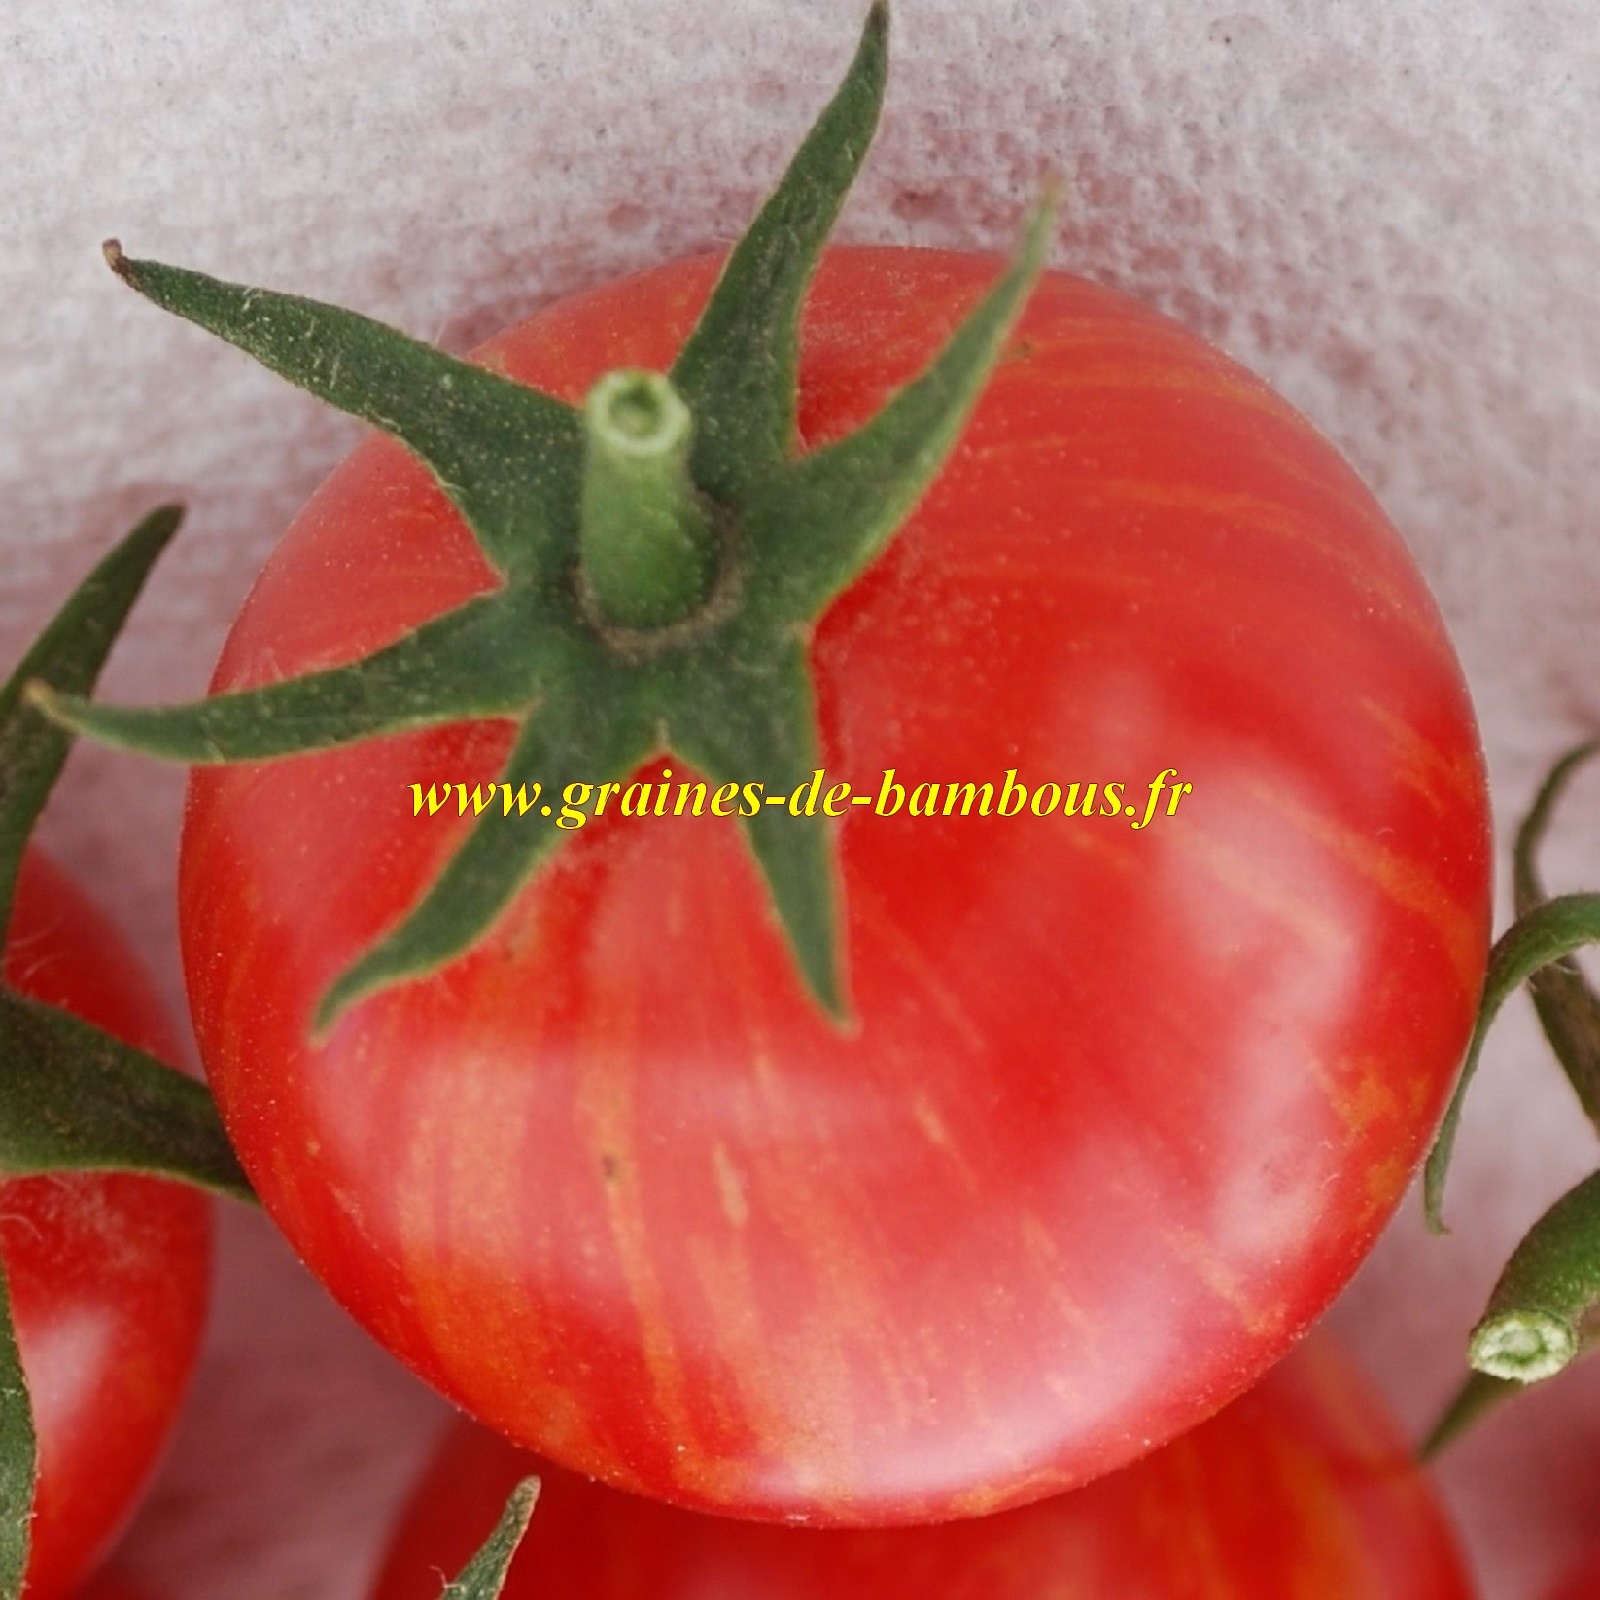 Artisan pink bumble bee tomato seeds